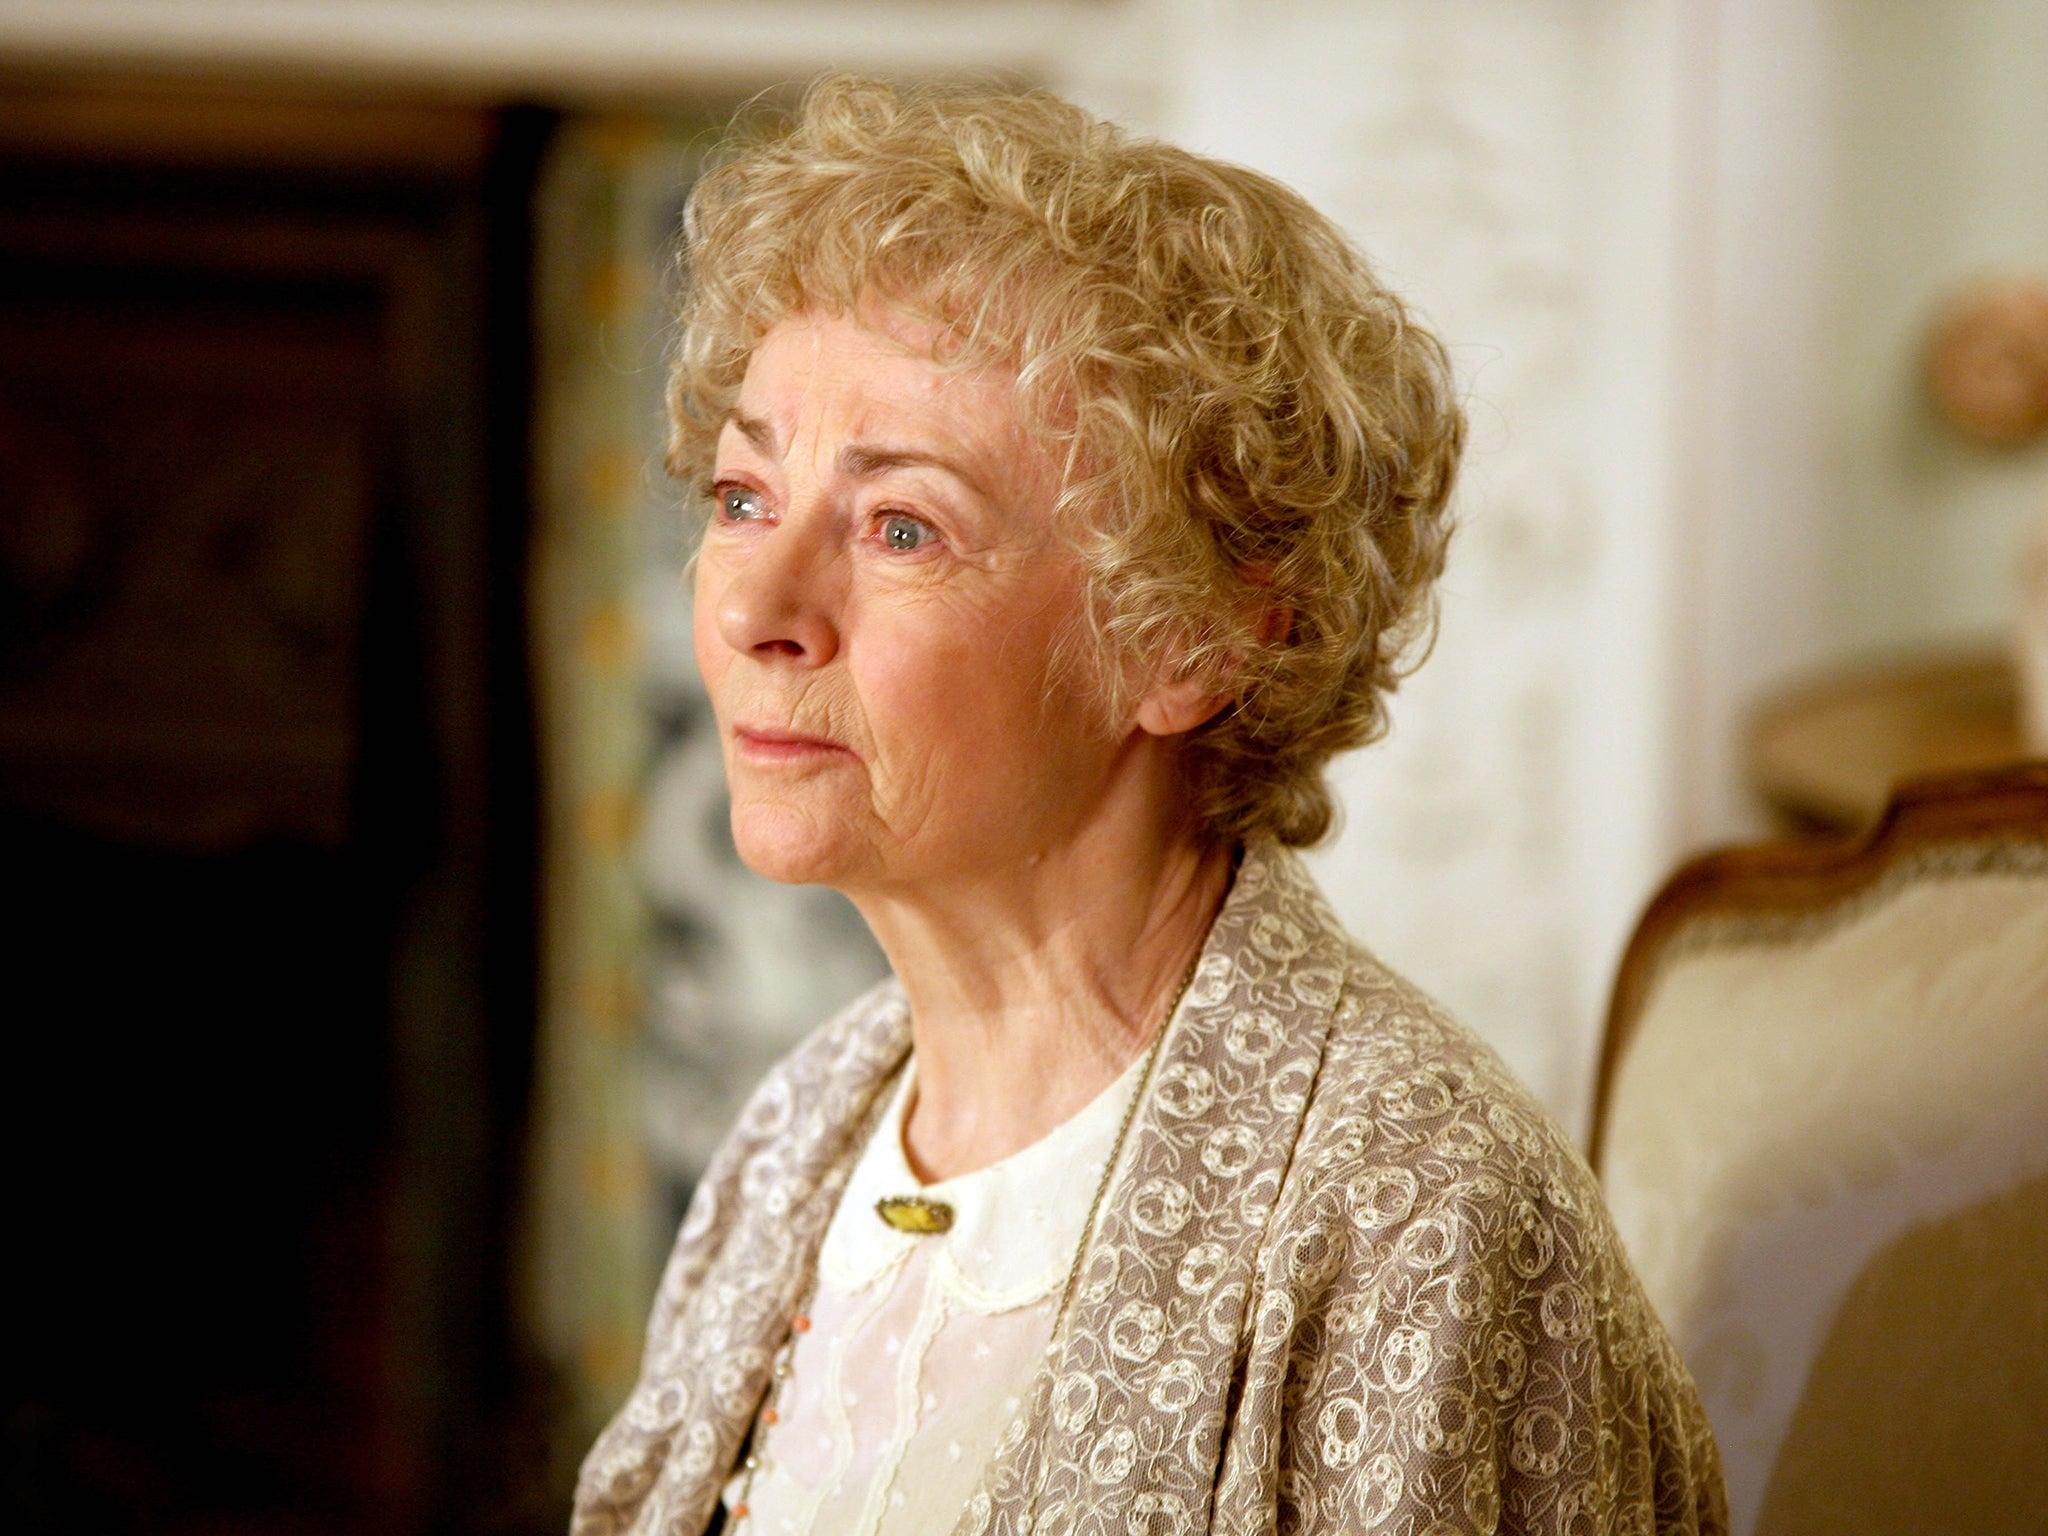 geraldine mcewan dead miss marple actress dies aged 82